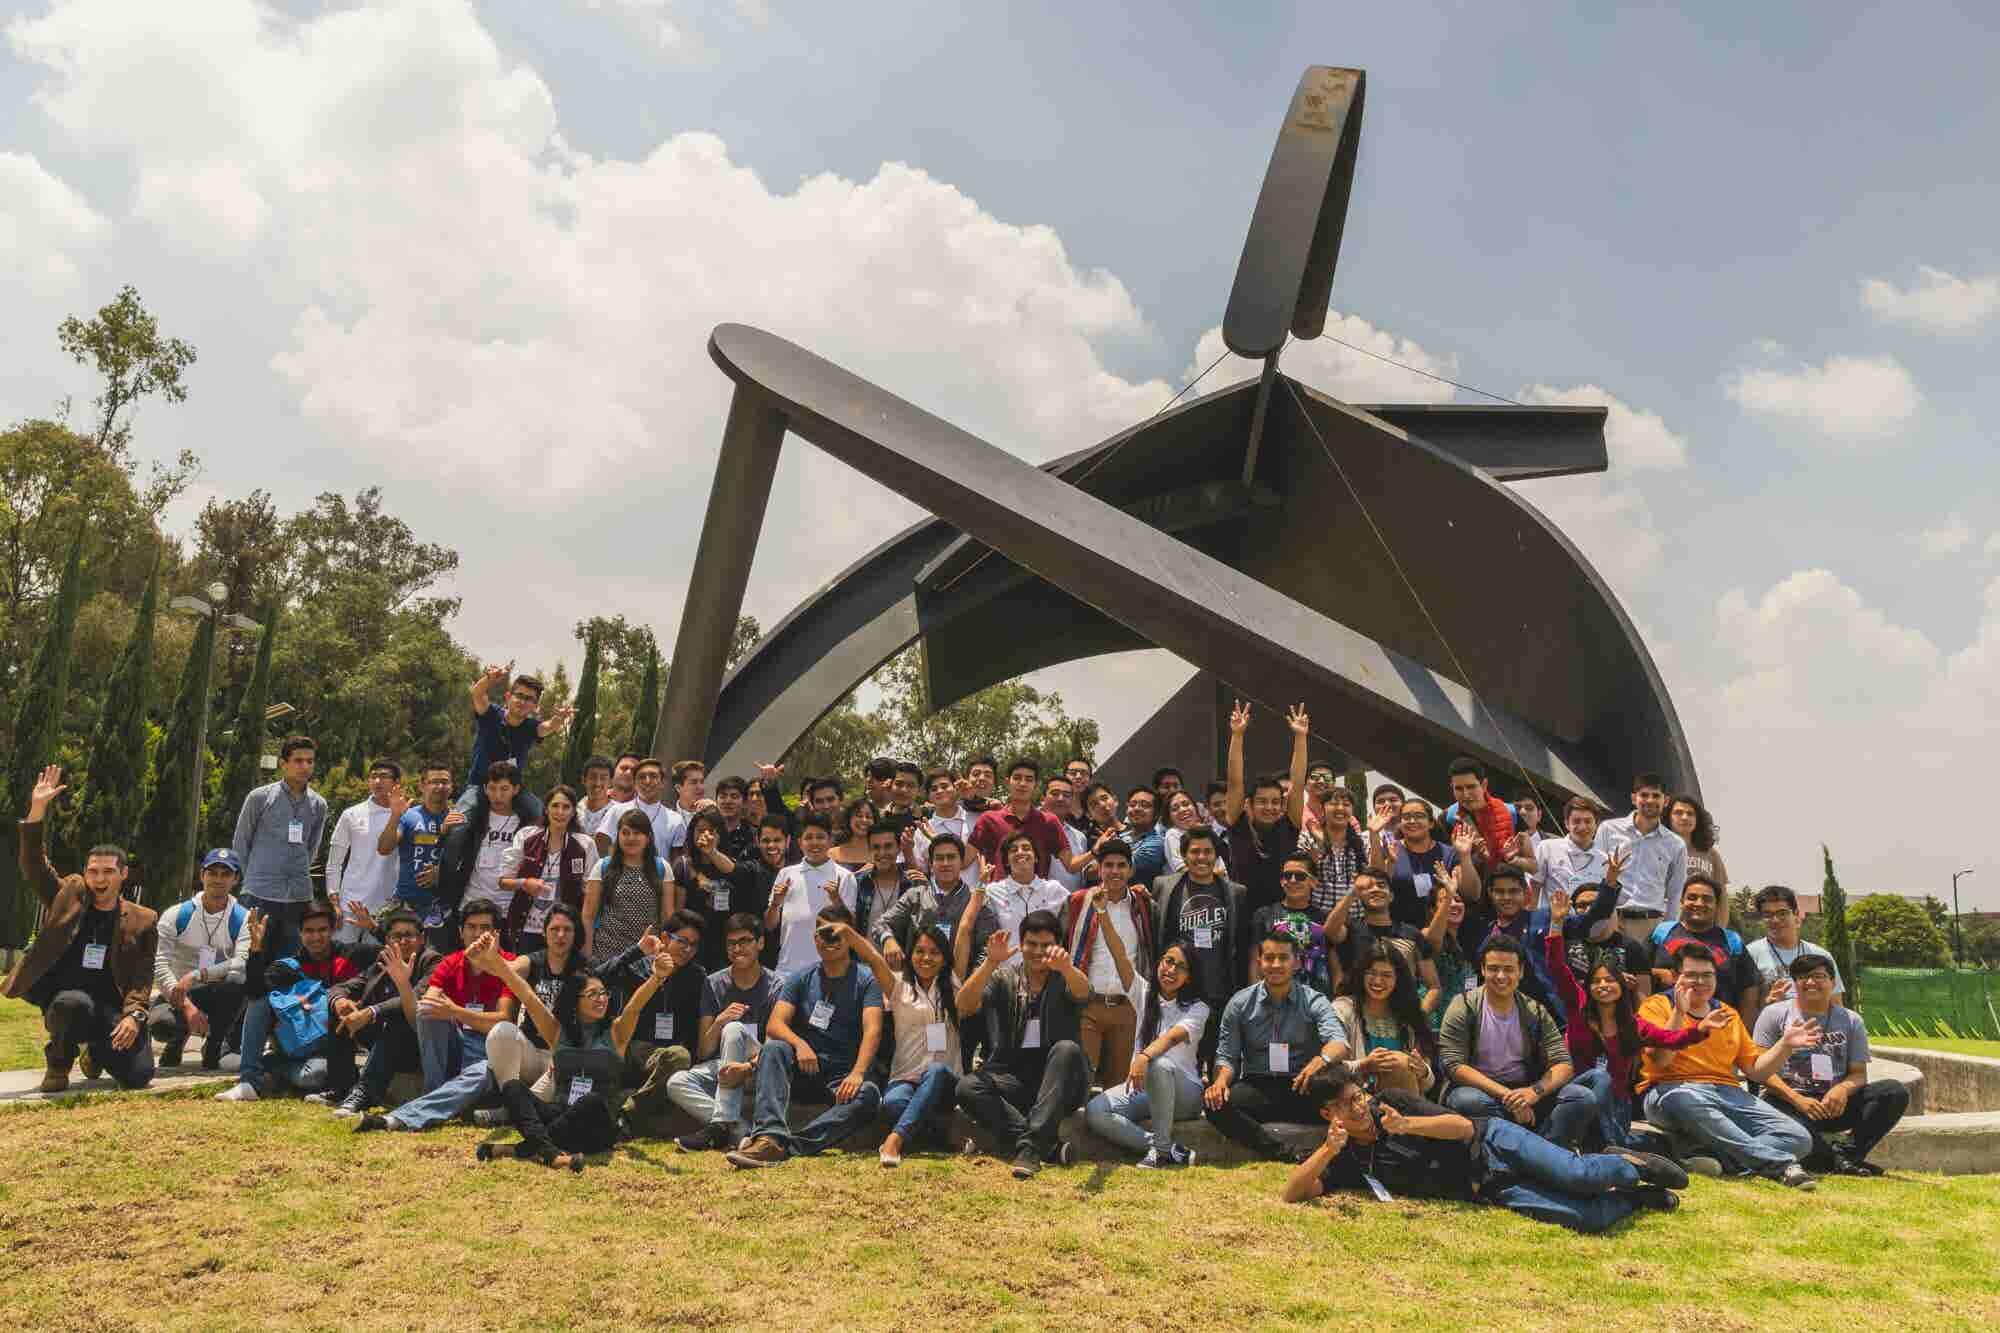 ¡Huelum, Huelum! Estos son los jóvenes del Instituto Politécnico Nacional que conquistaron a Samsung